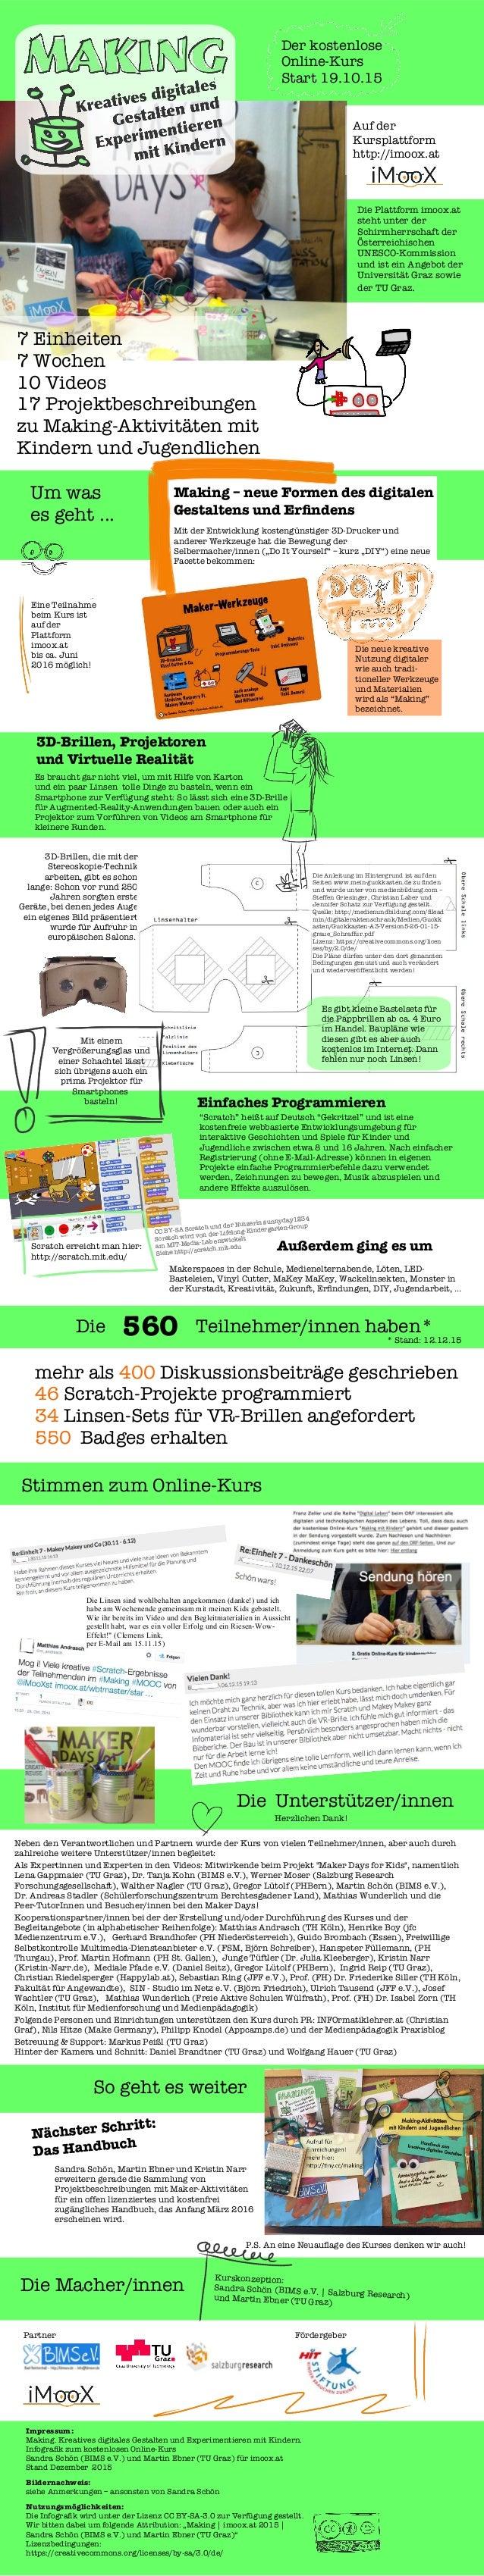 Der kostenlose Online-Kurs Start 19.10.15 Impressum: Making. Kreatives digitales Gestalten und Experimentieren mit Kindern...